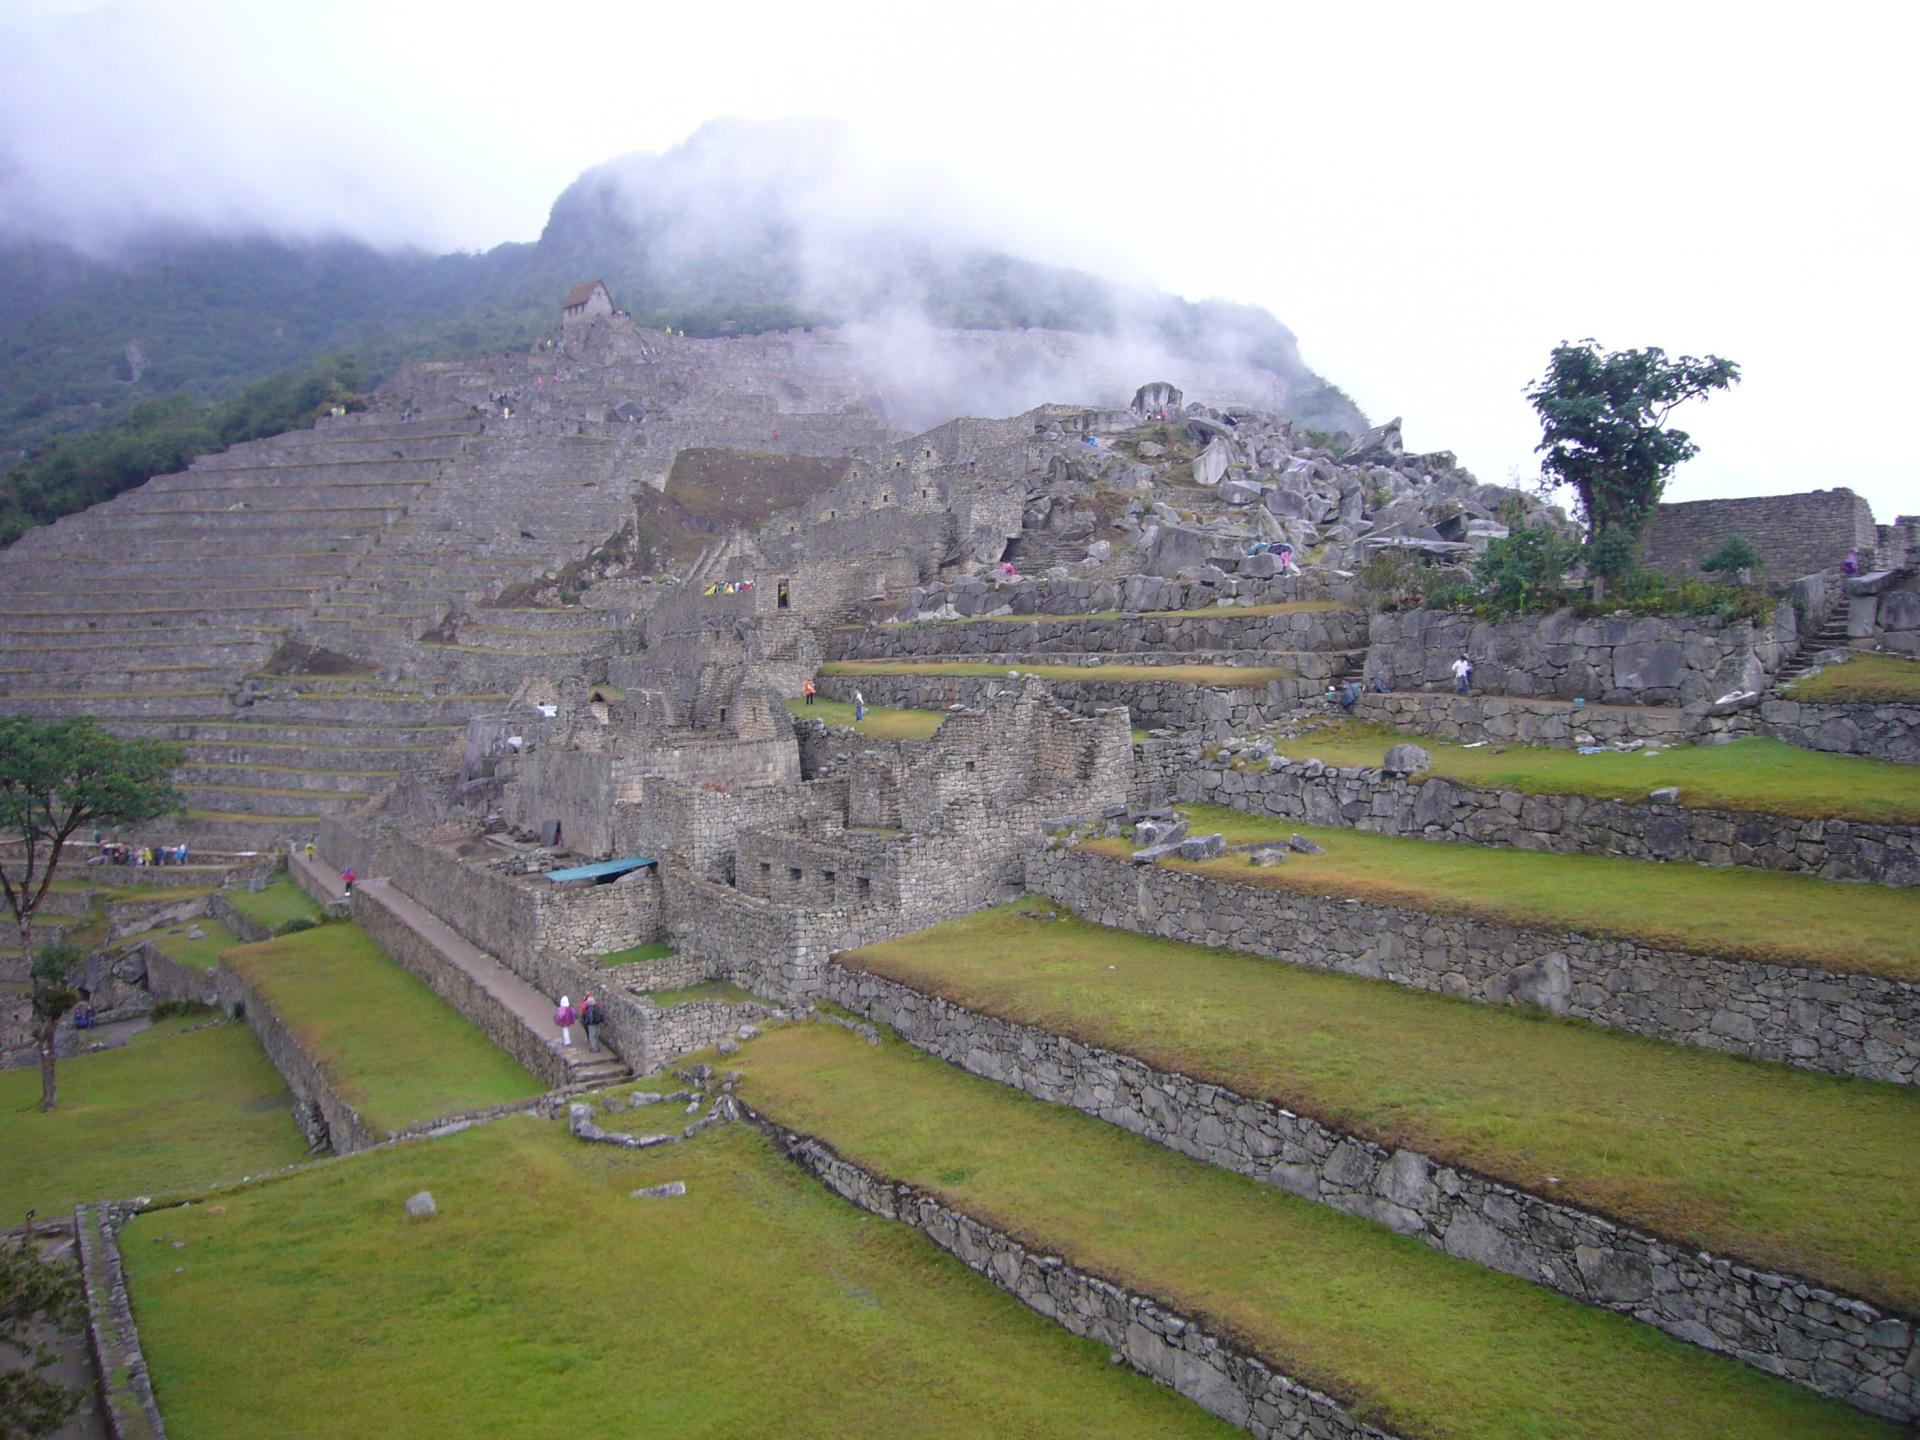 Entdecken Sie die bezaubernde Stätte Machu Picchu auf Ihrer Peru Rundreise